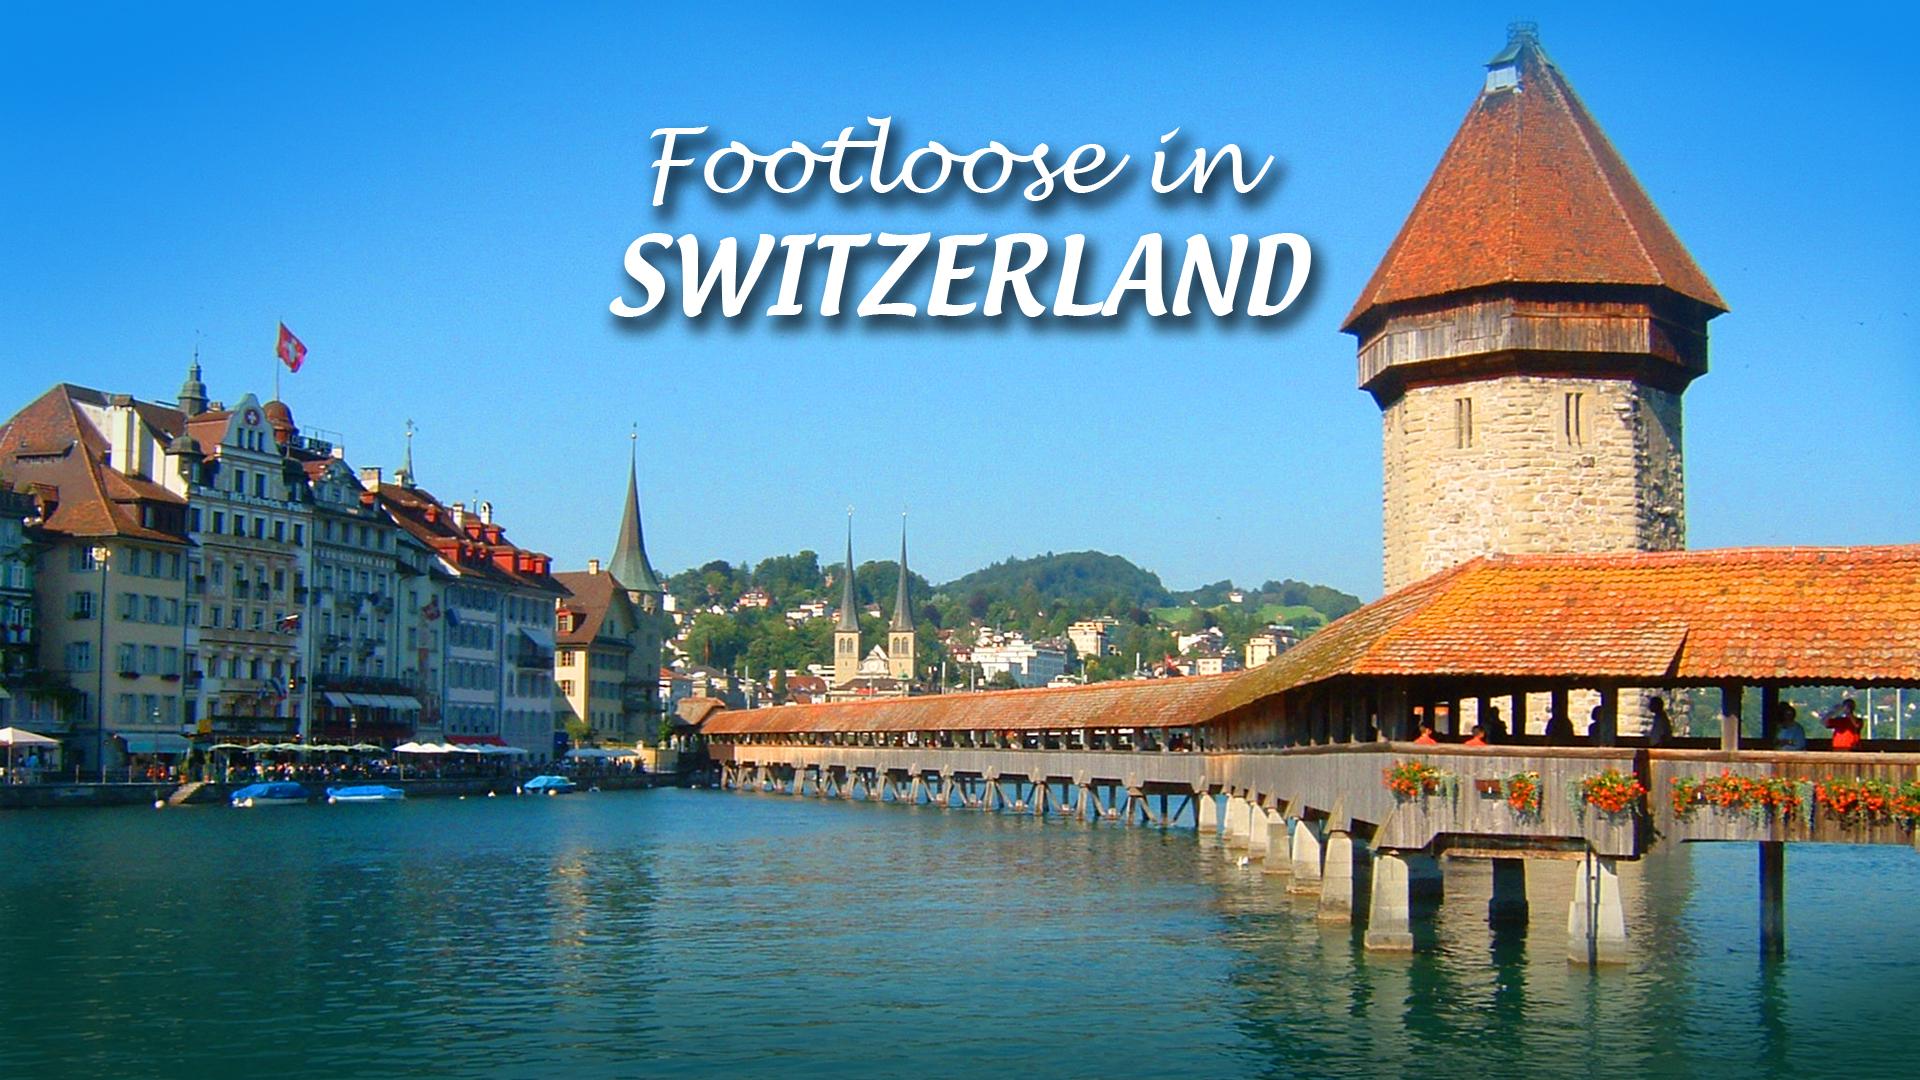 Footloose in Switzerland